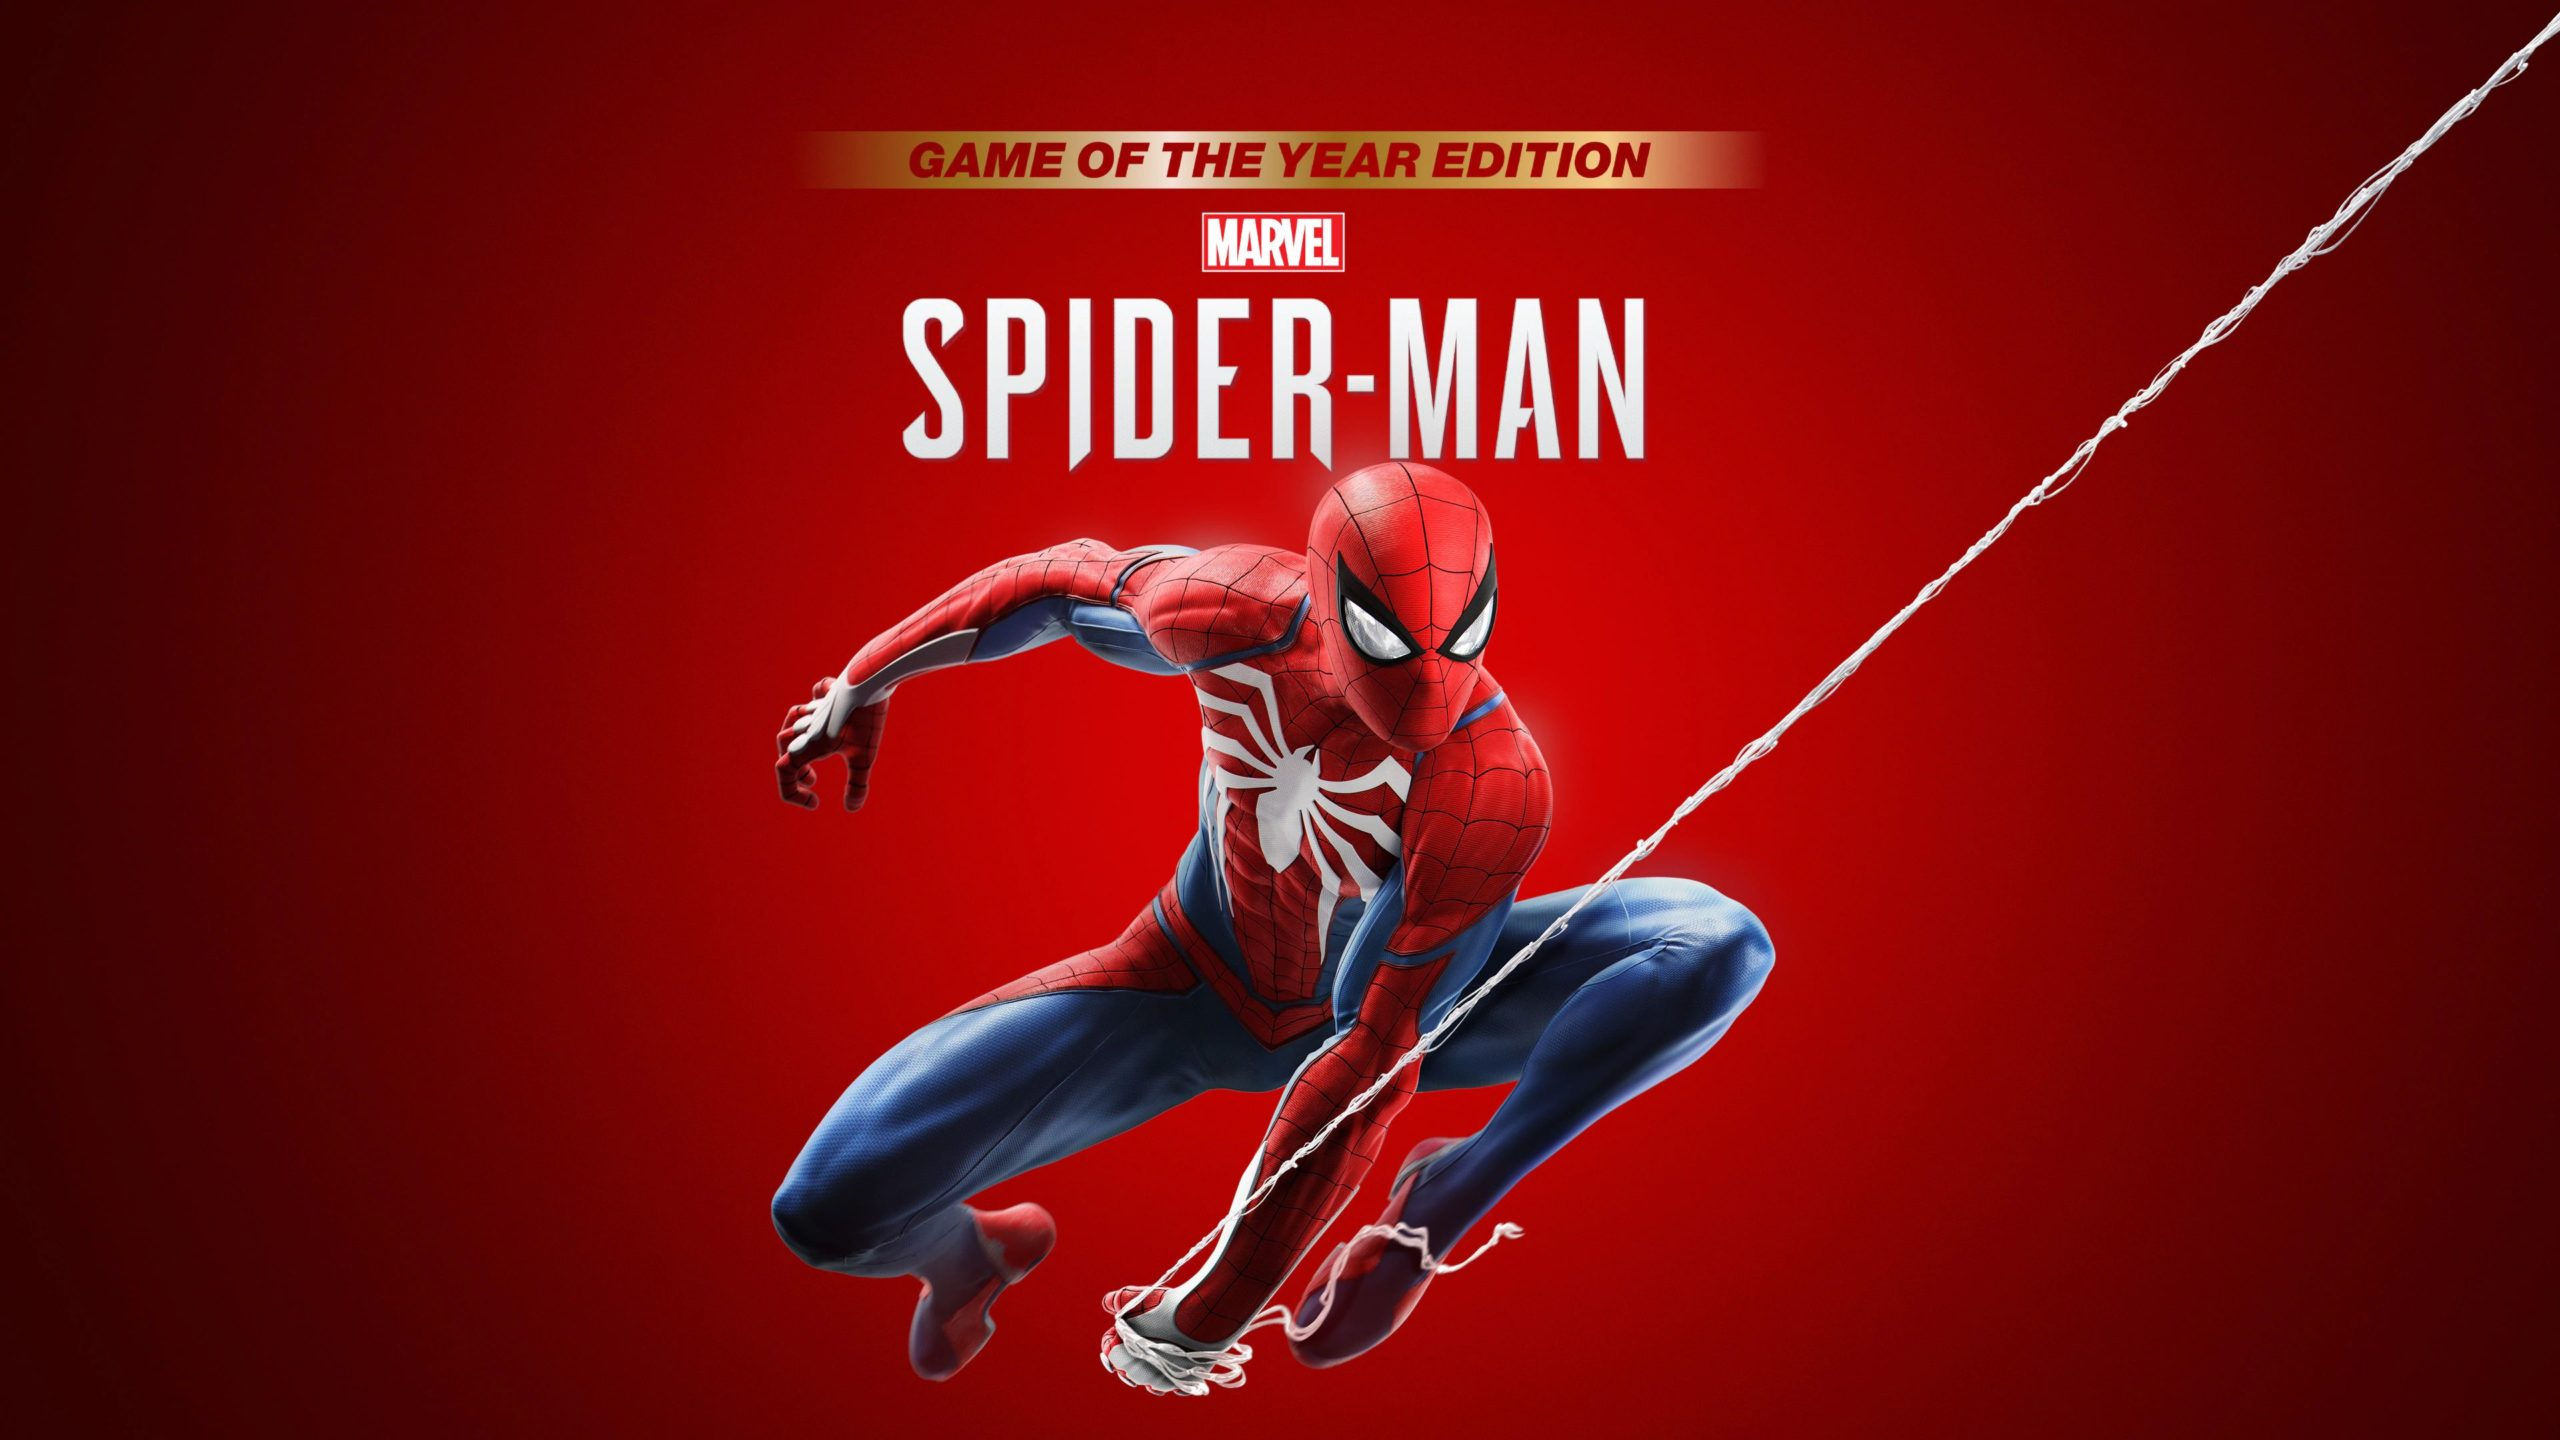 Ettől falra mászol! – Spider-Man (2018) kritika